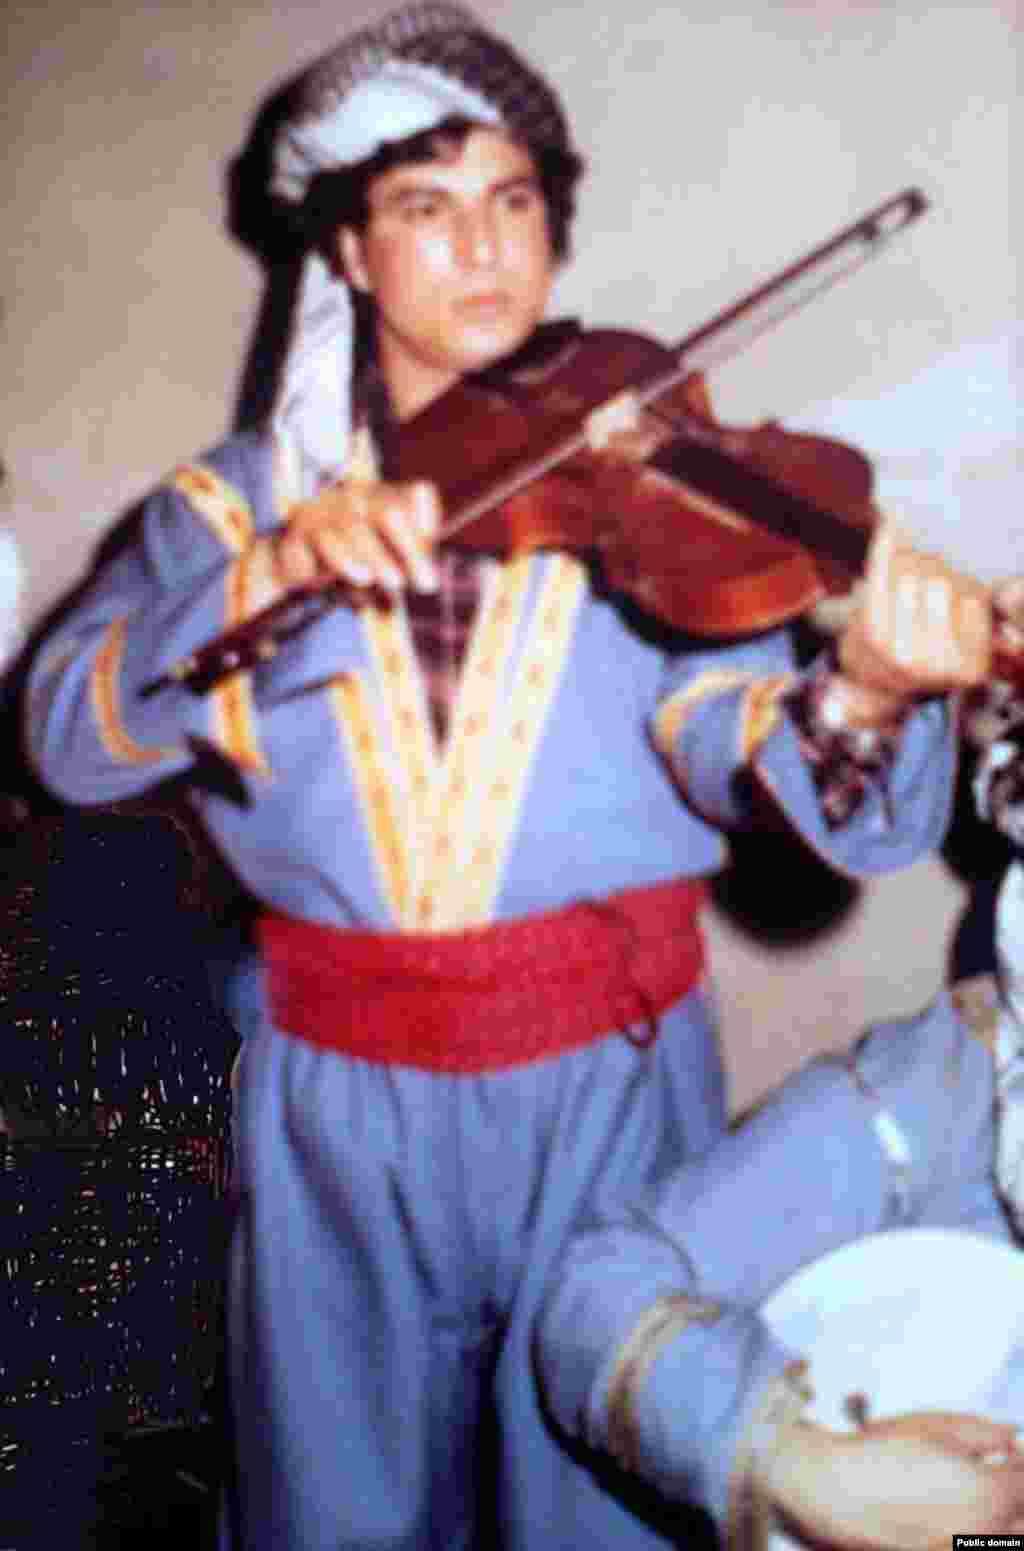 Saod Ahmad